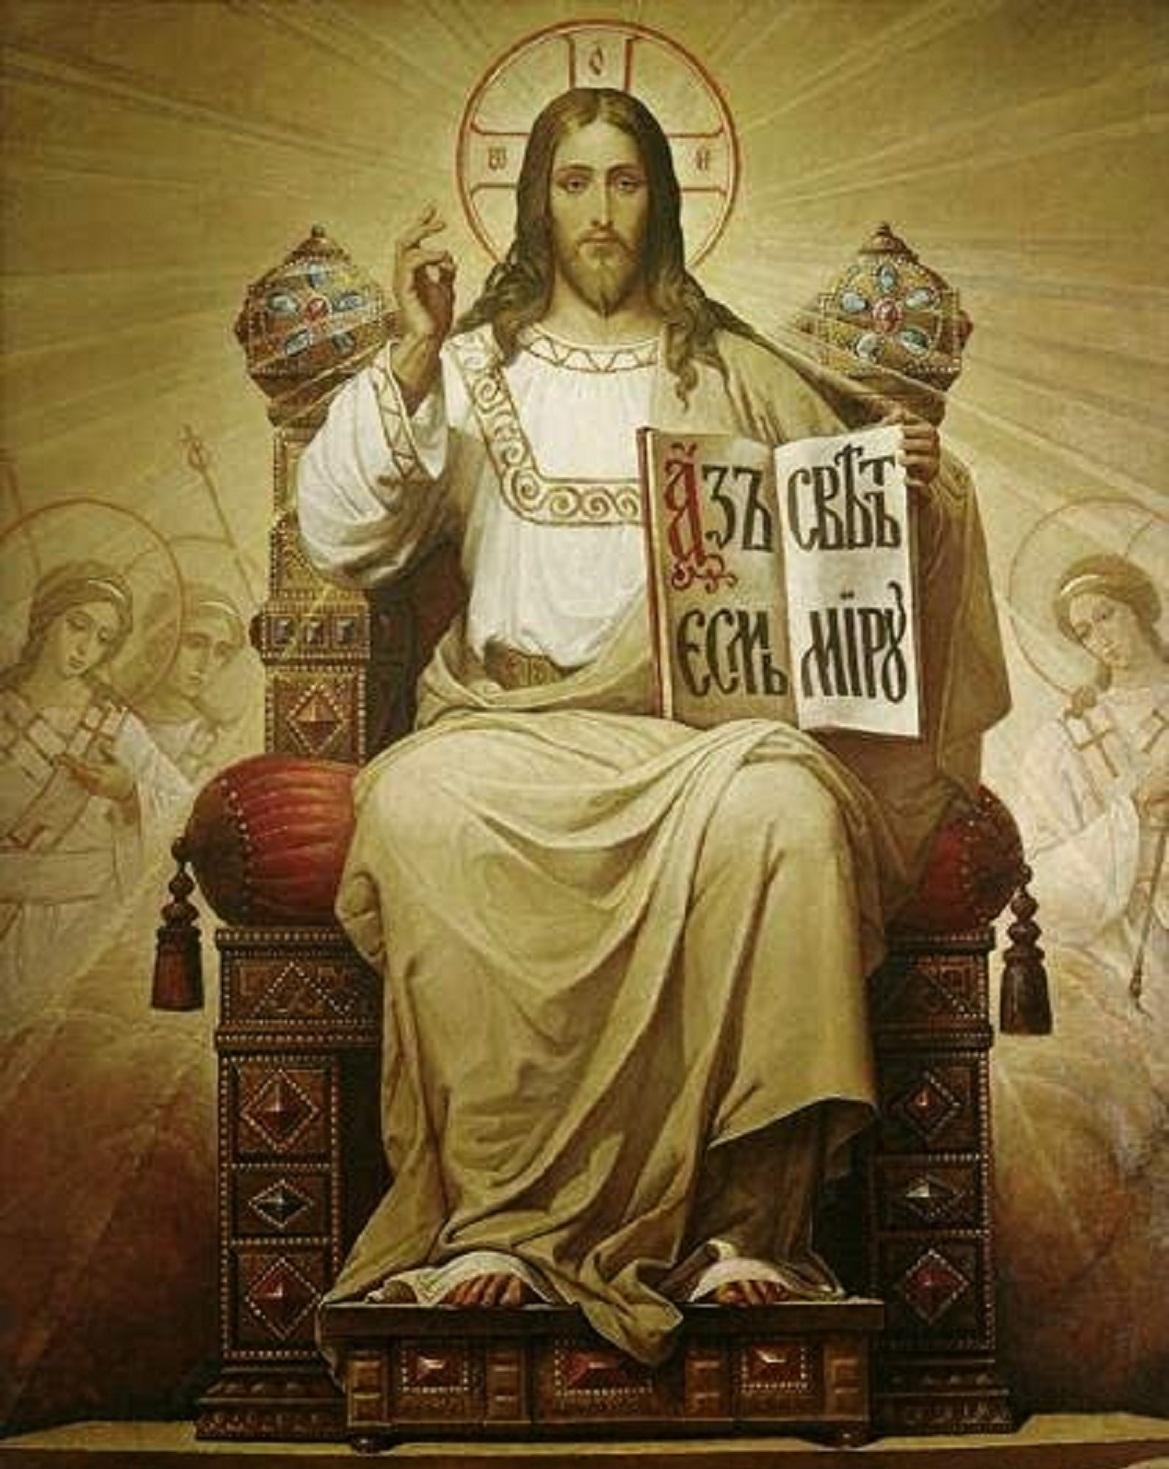 Catholik-blog: Fiesta de hoy - Solemnidad de Cristo Rey del Universo - 22/11